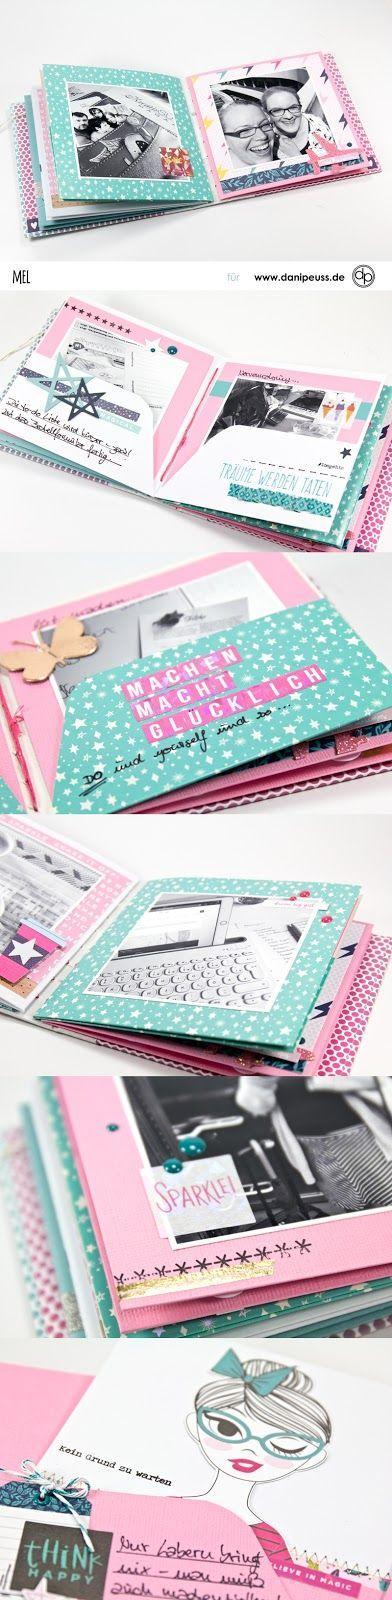 Minialbum mit dem danipeuss Novemberkit von Melanie Hoch für www.danipeuss.de